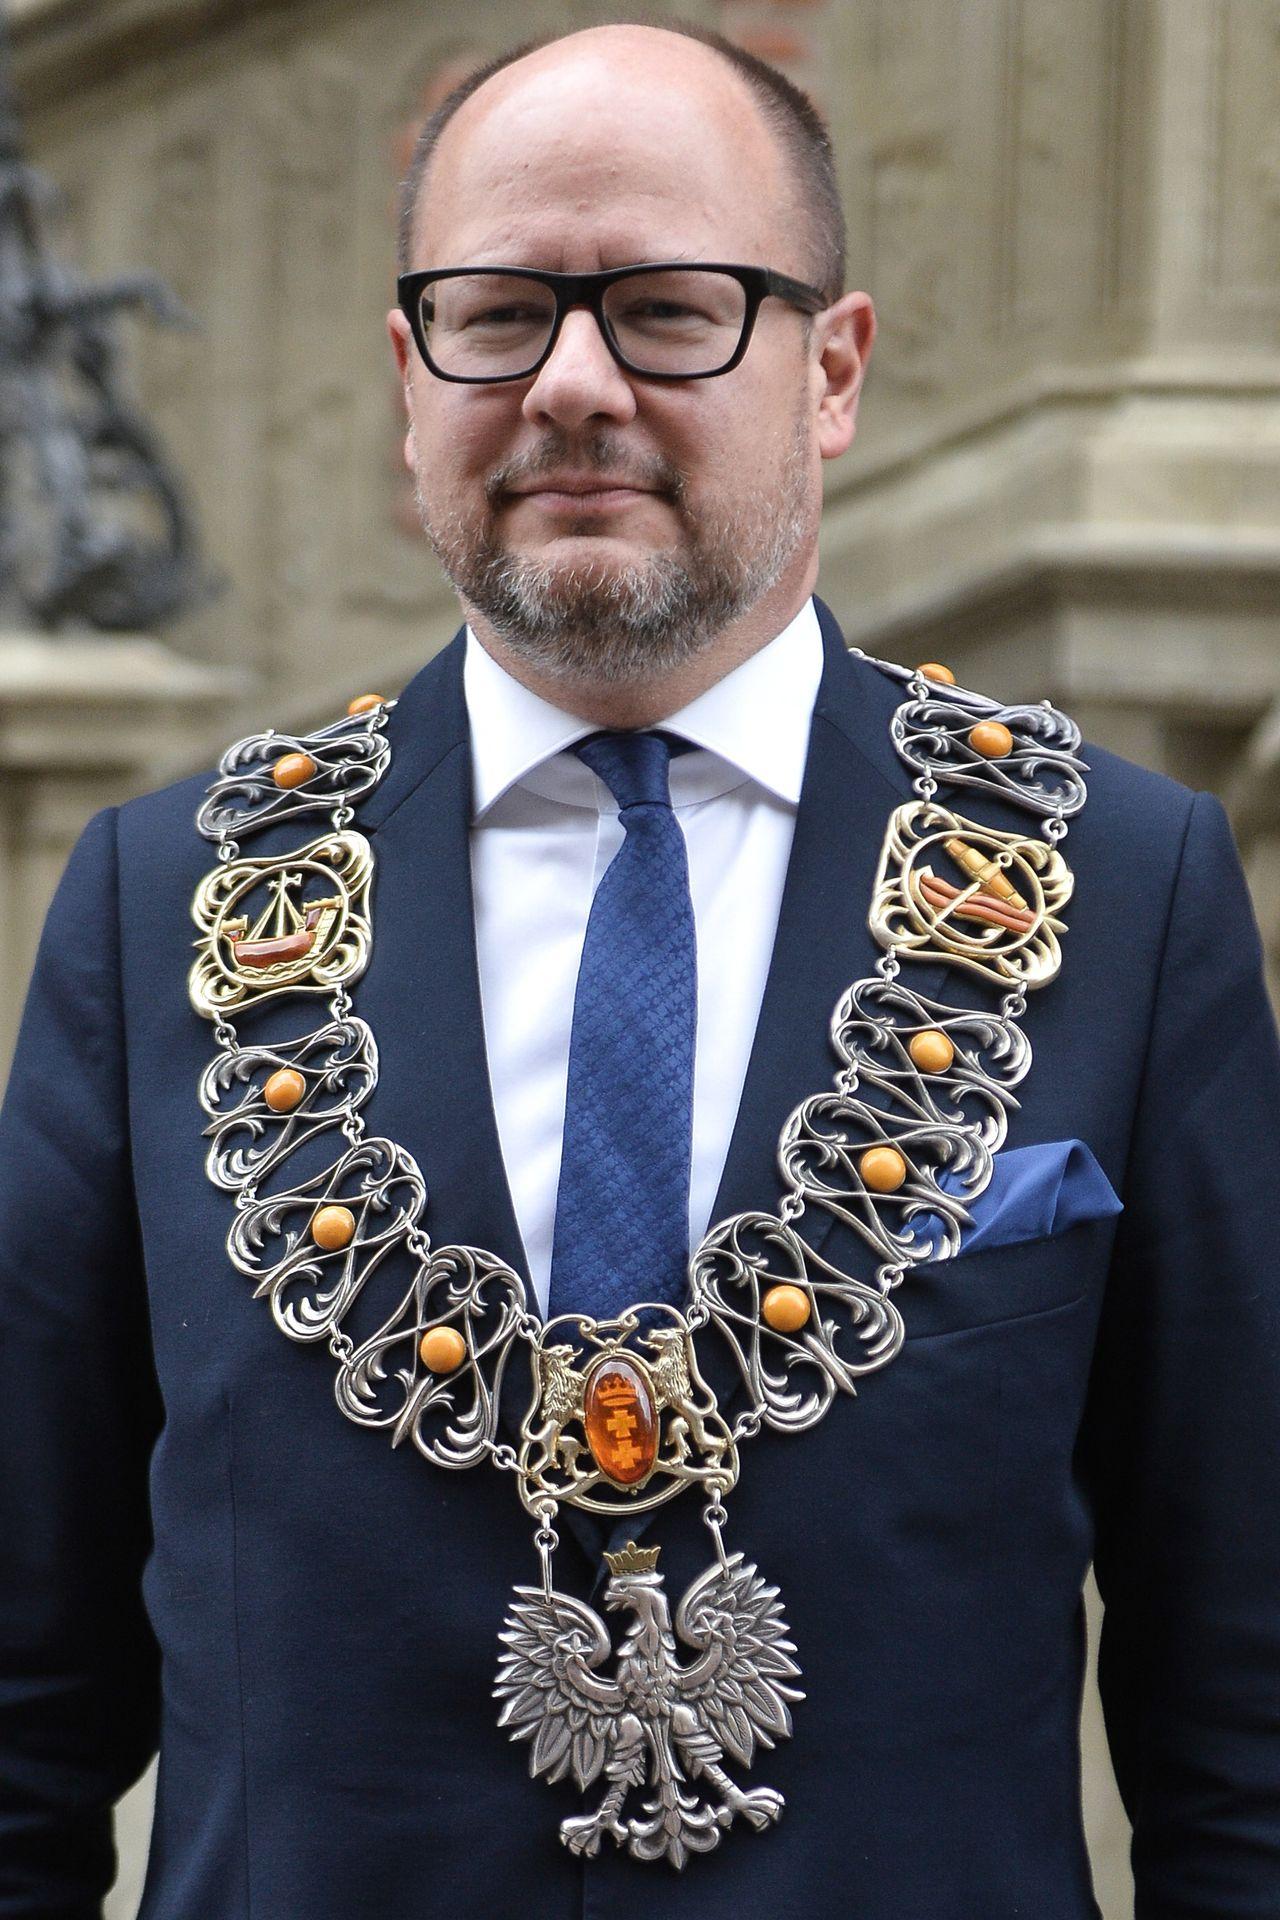 Jurek Owsiak ZREZYGNOWAŁ z kierowania Fundacją WOŚP po śmierci Pawła Adamowicza